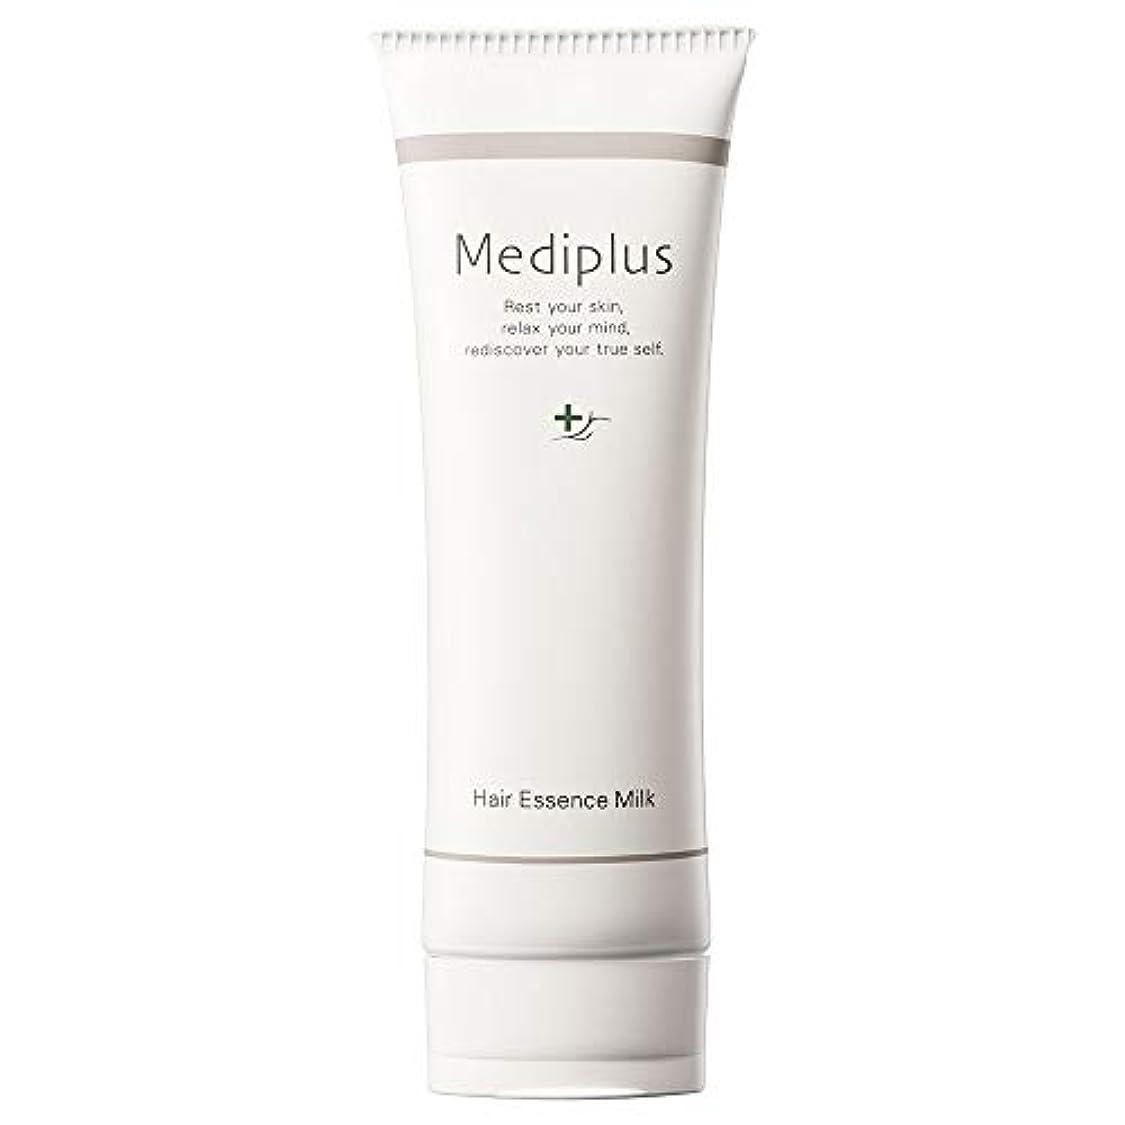 神経光の唯物論mediplus メディプラス ヘアエッセンスミルク 120g